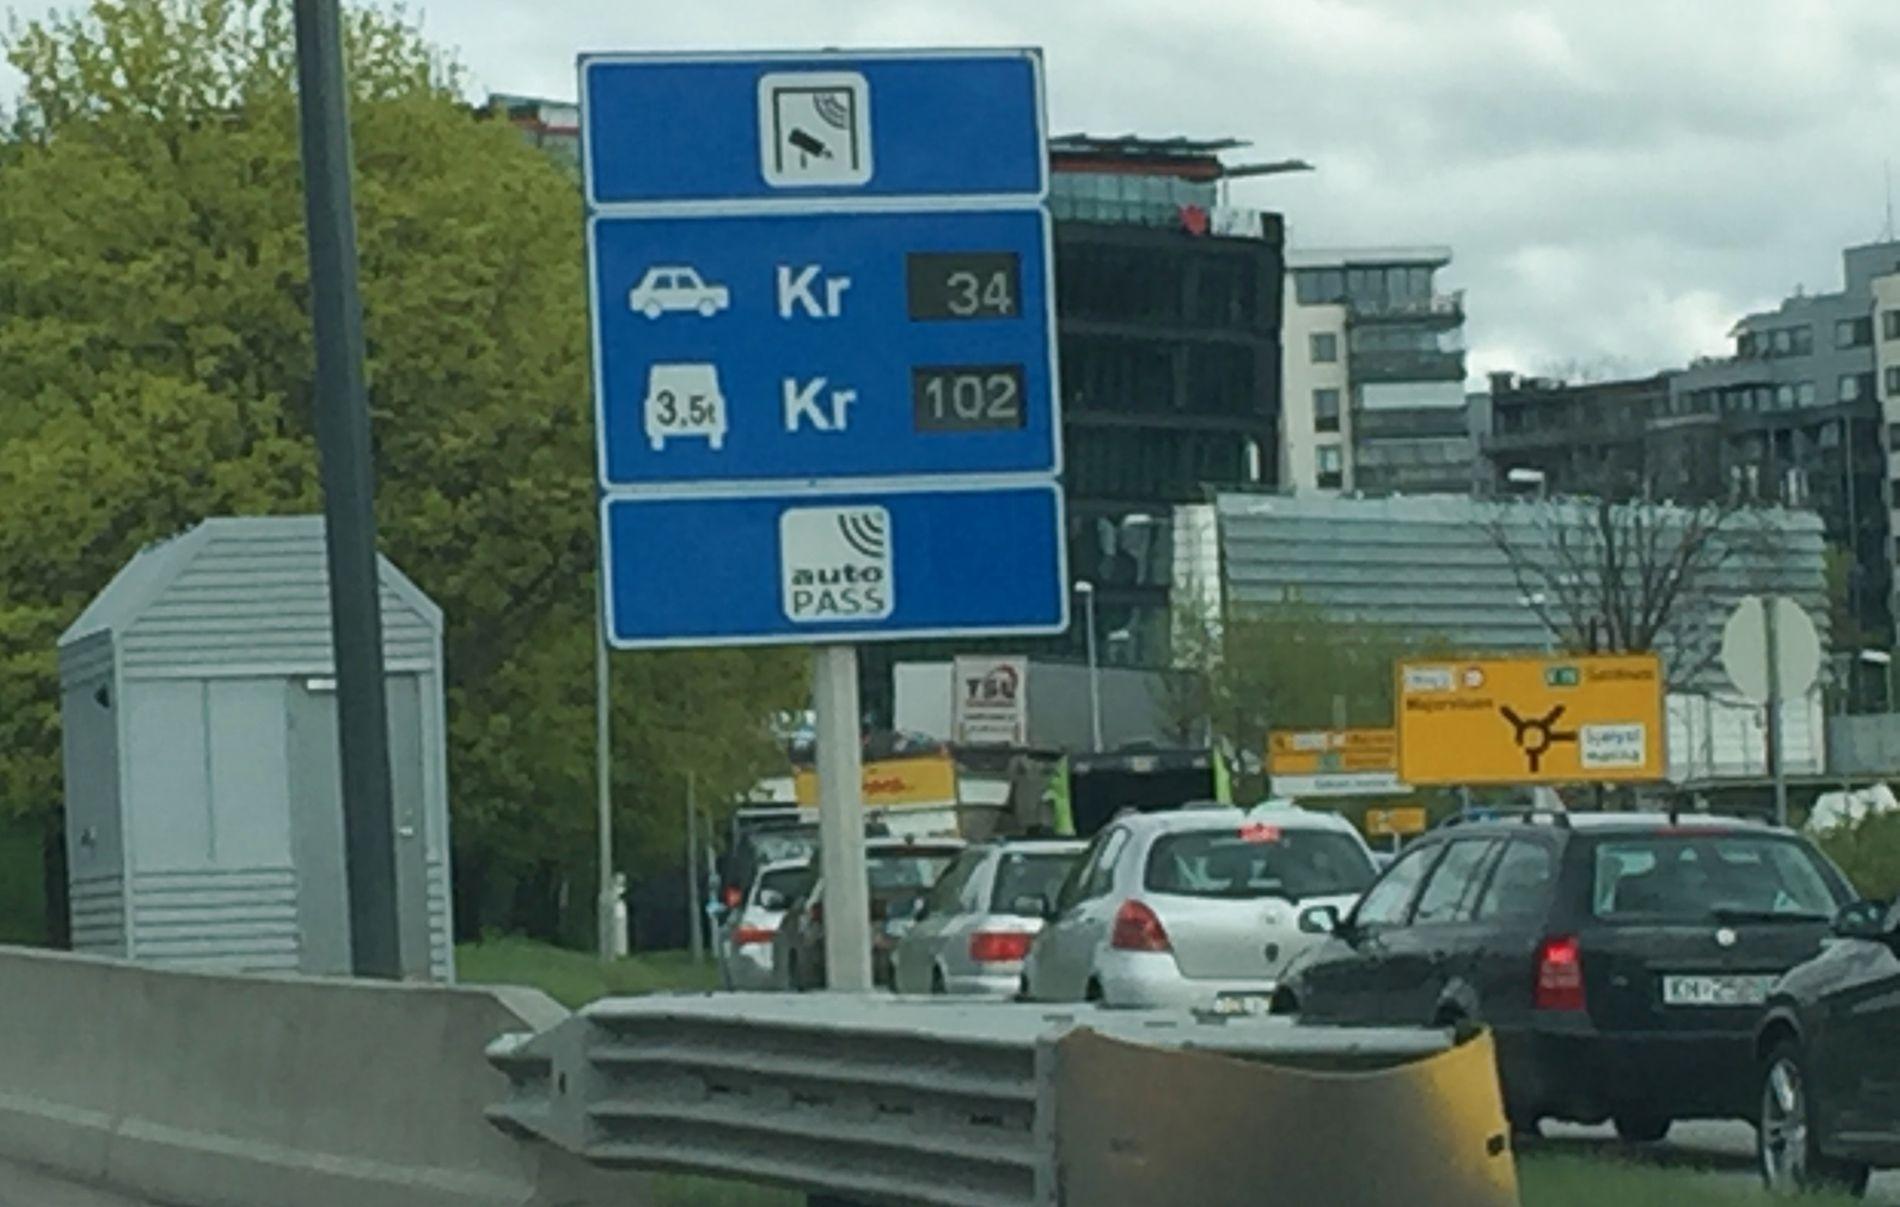 DAGENS BOMPRIS: 34 kroner er dagens bompris for en passering for personbiler (diesel/bensin) i Oslo-bomringen, som her ved Skøyen på E18.